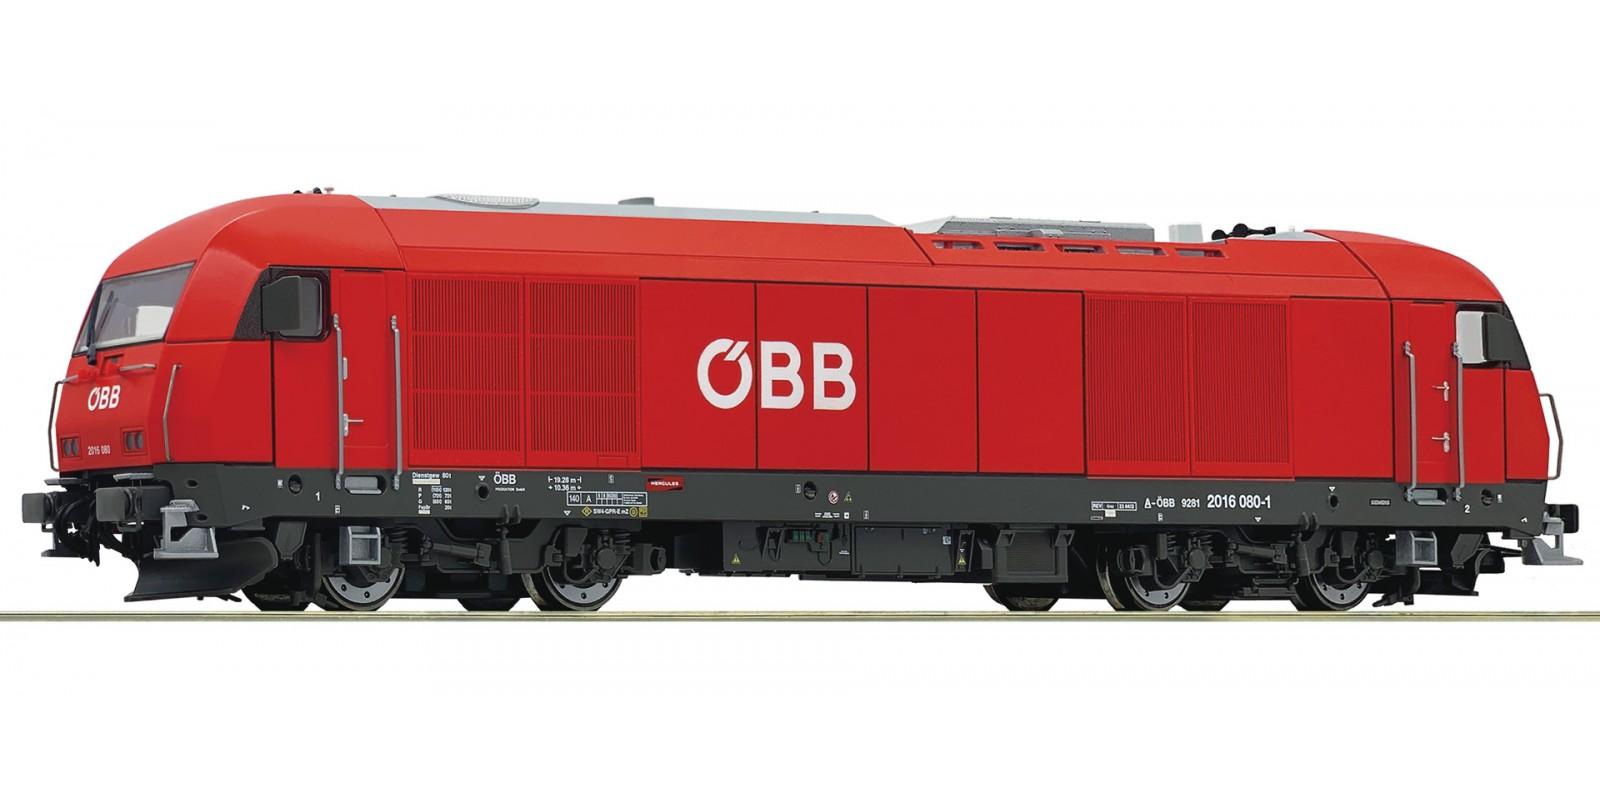 RO73766 Diesel locomotive 2016 080-1